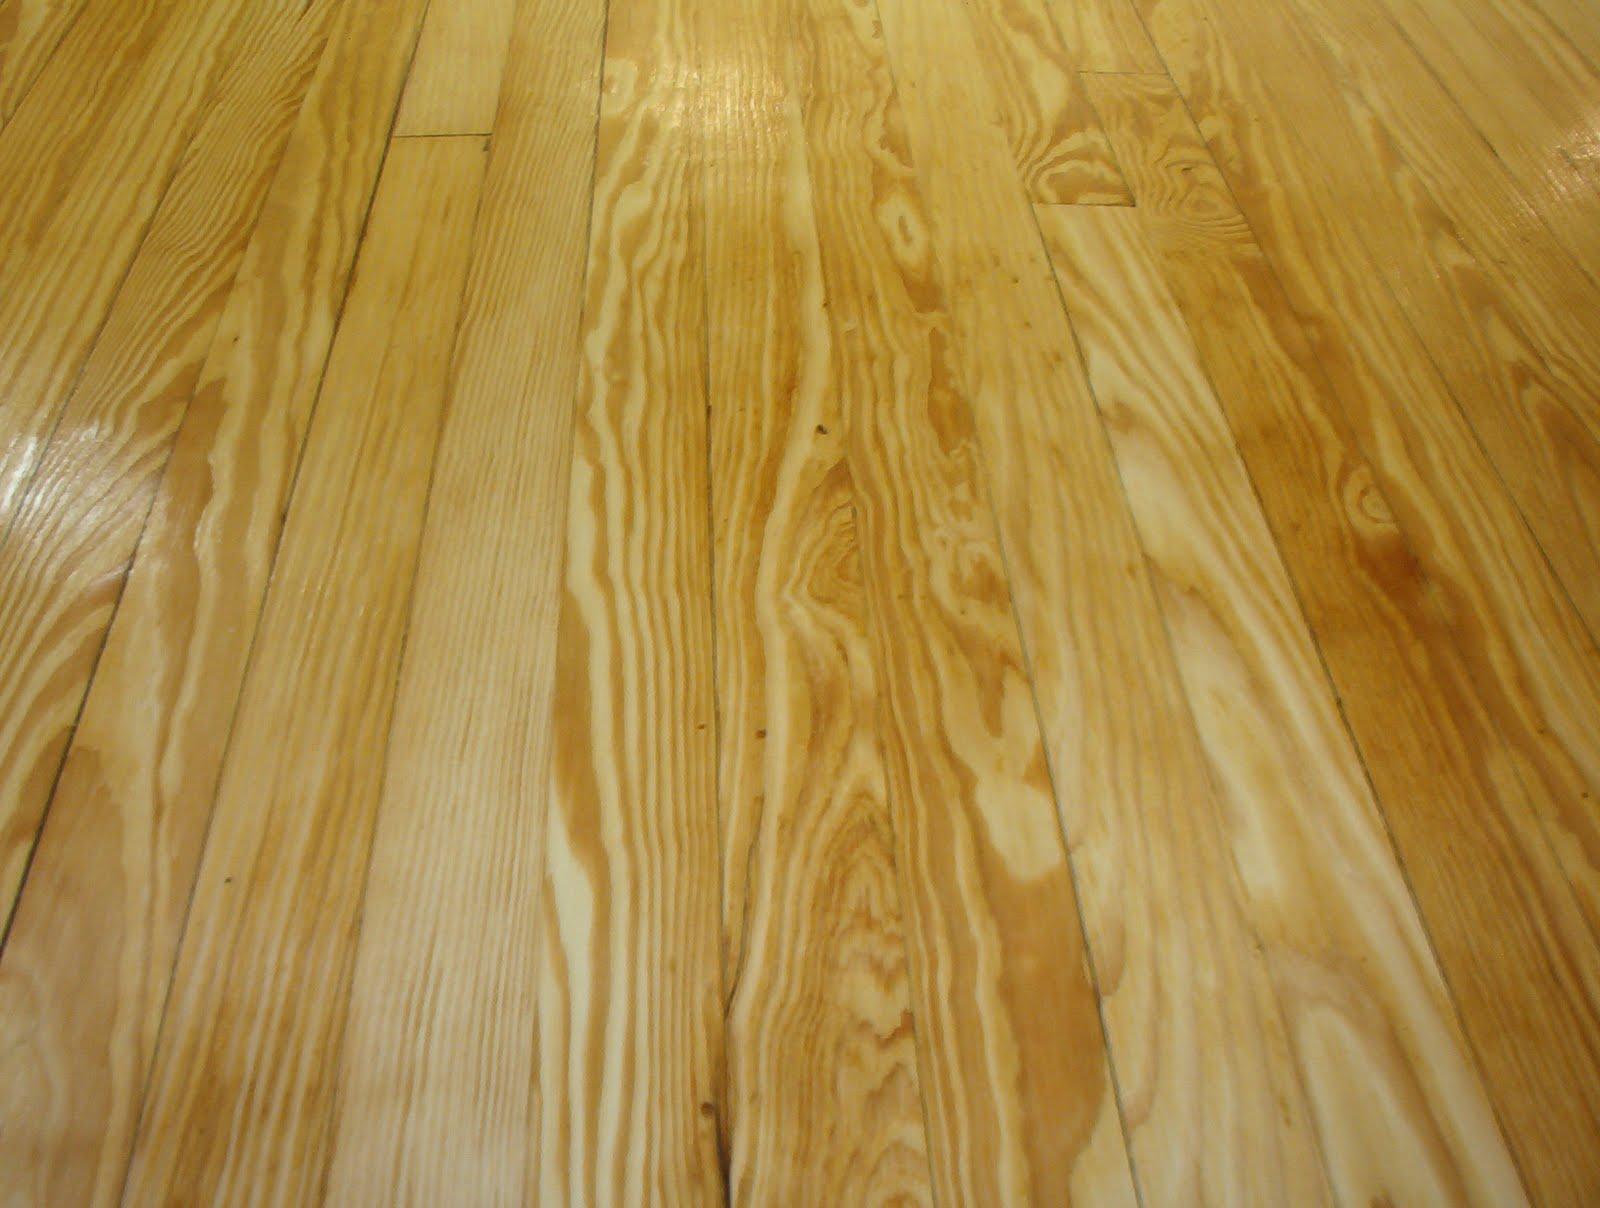 Gym Hardwood Flooring - Wood Floors